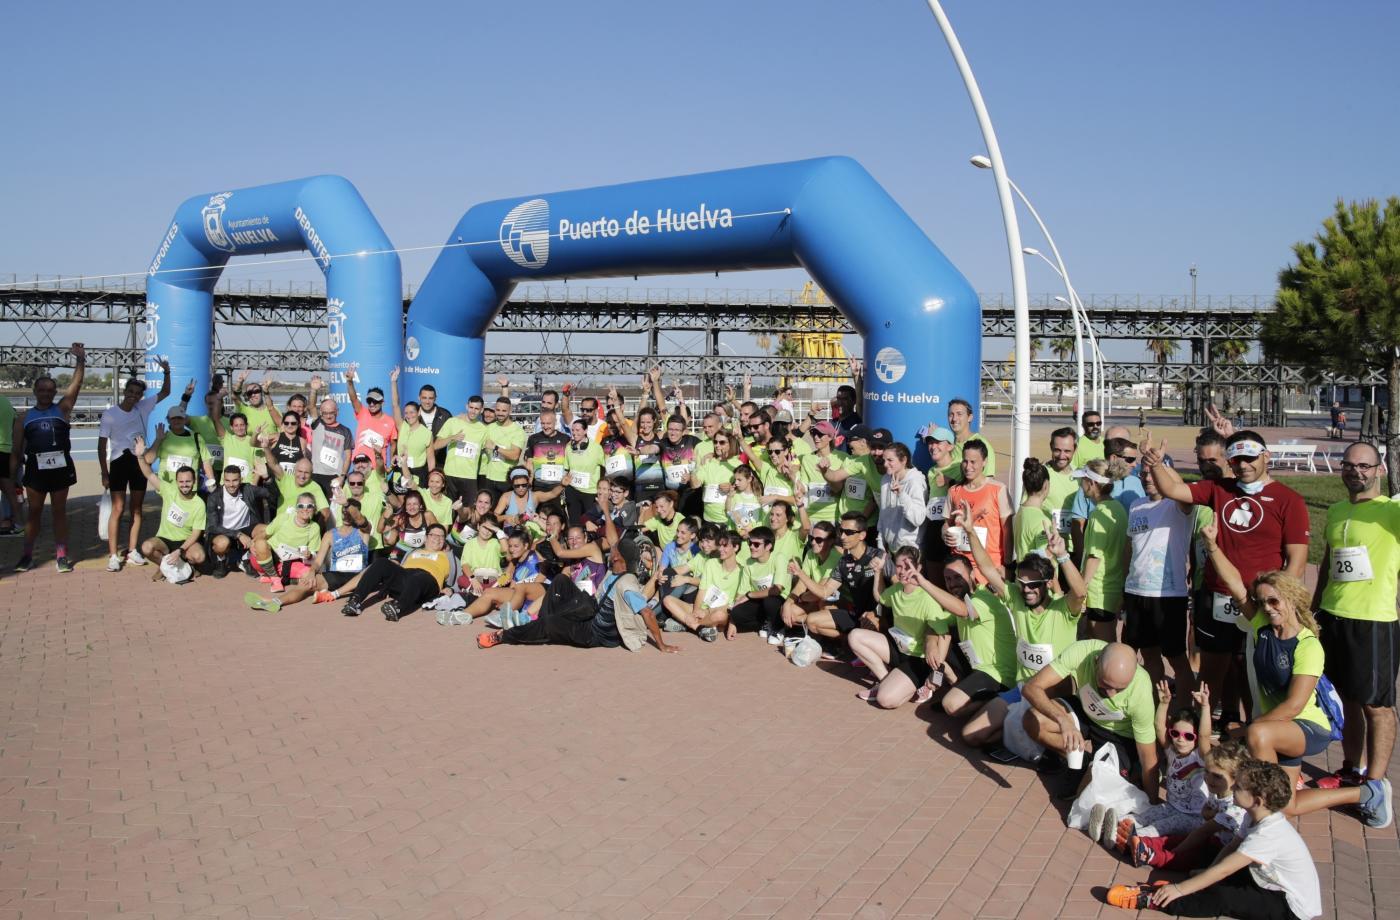 Carreras solidarias junto al Puerto de Huelva